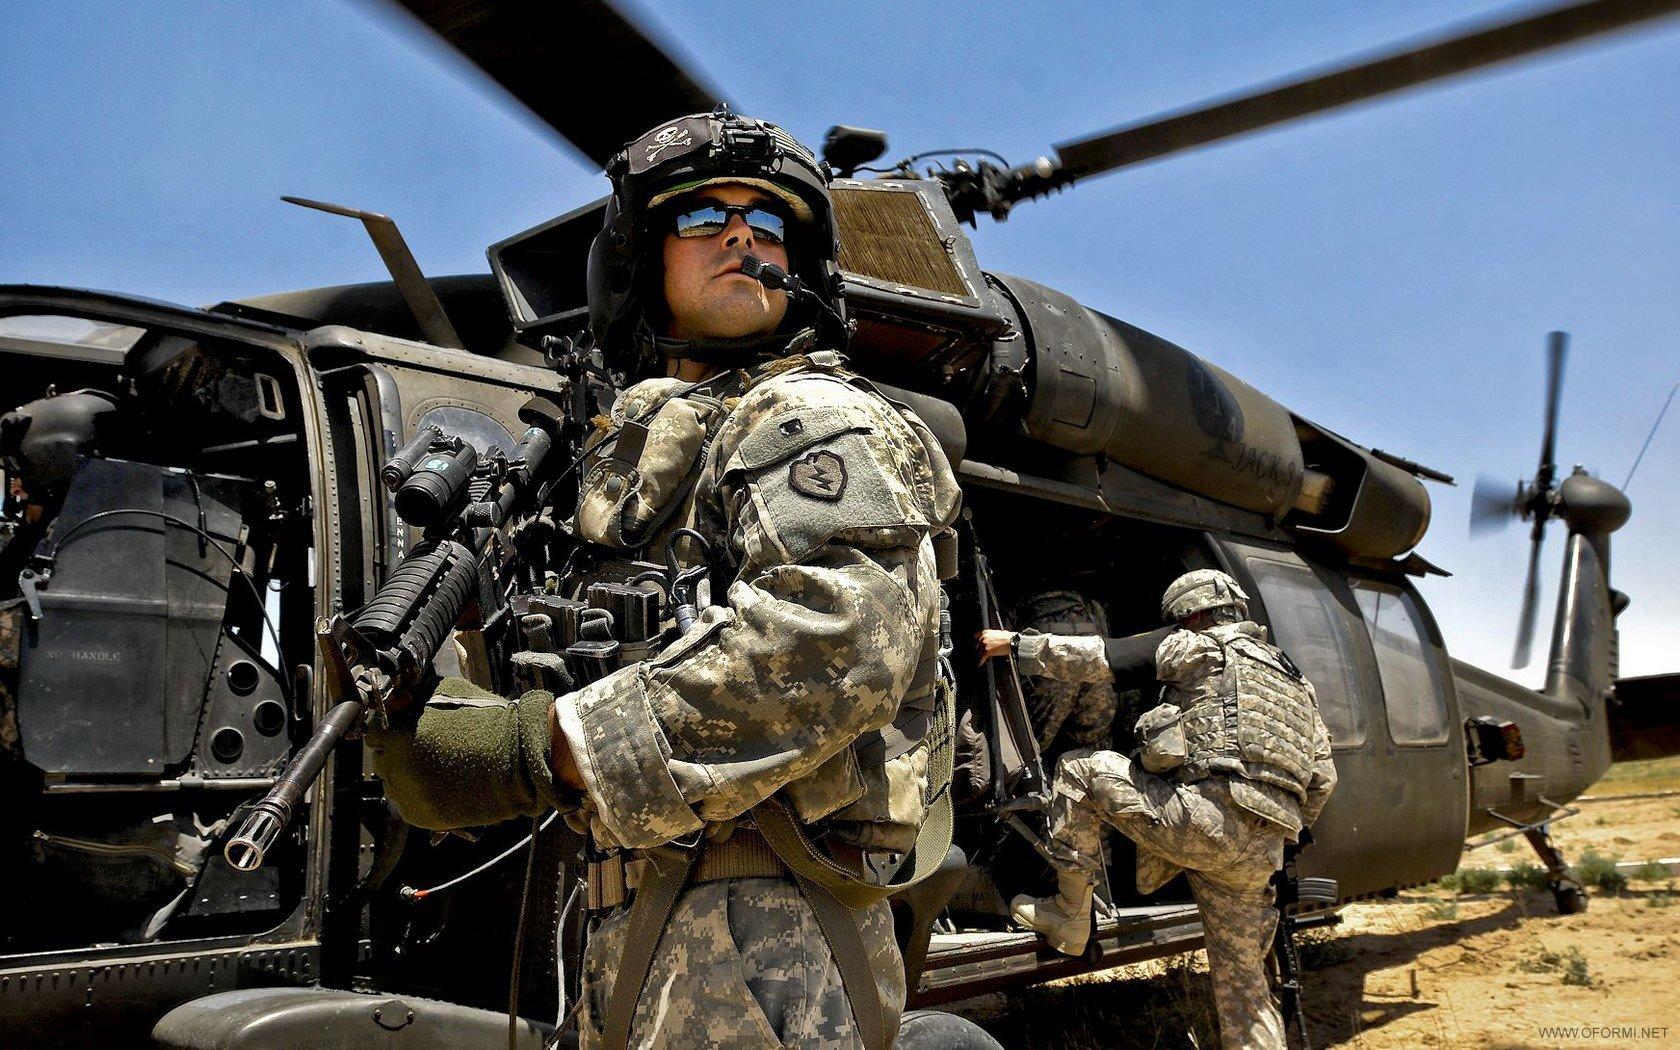 Как считаешь, какая страна может похвастаться самой сильной армией в мире?